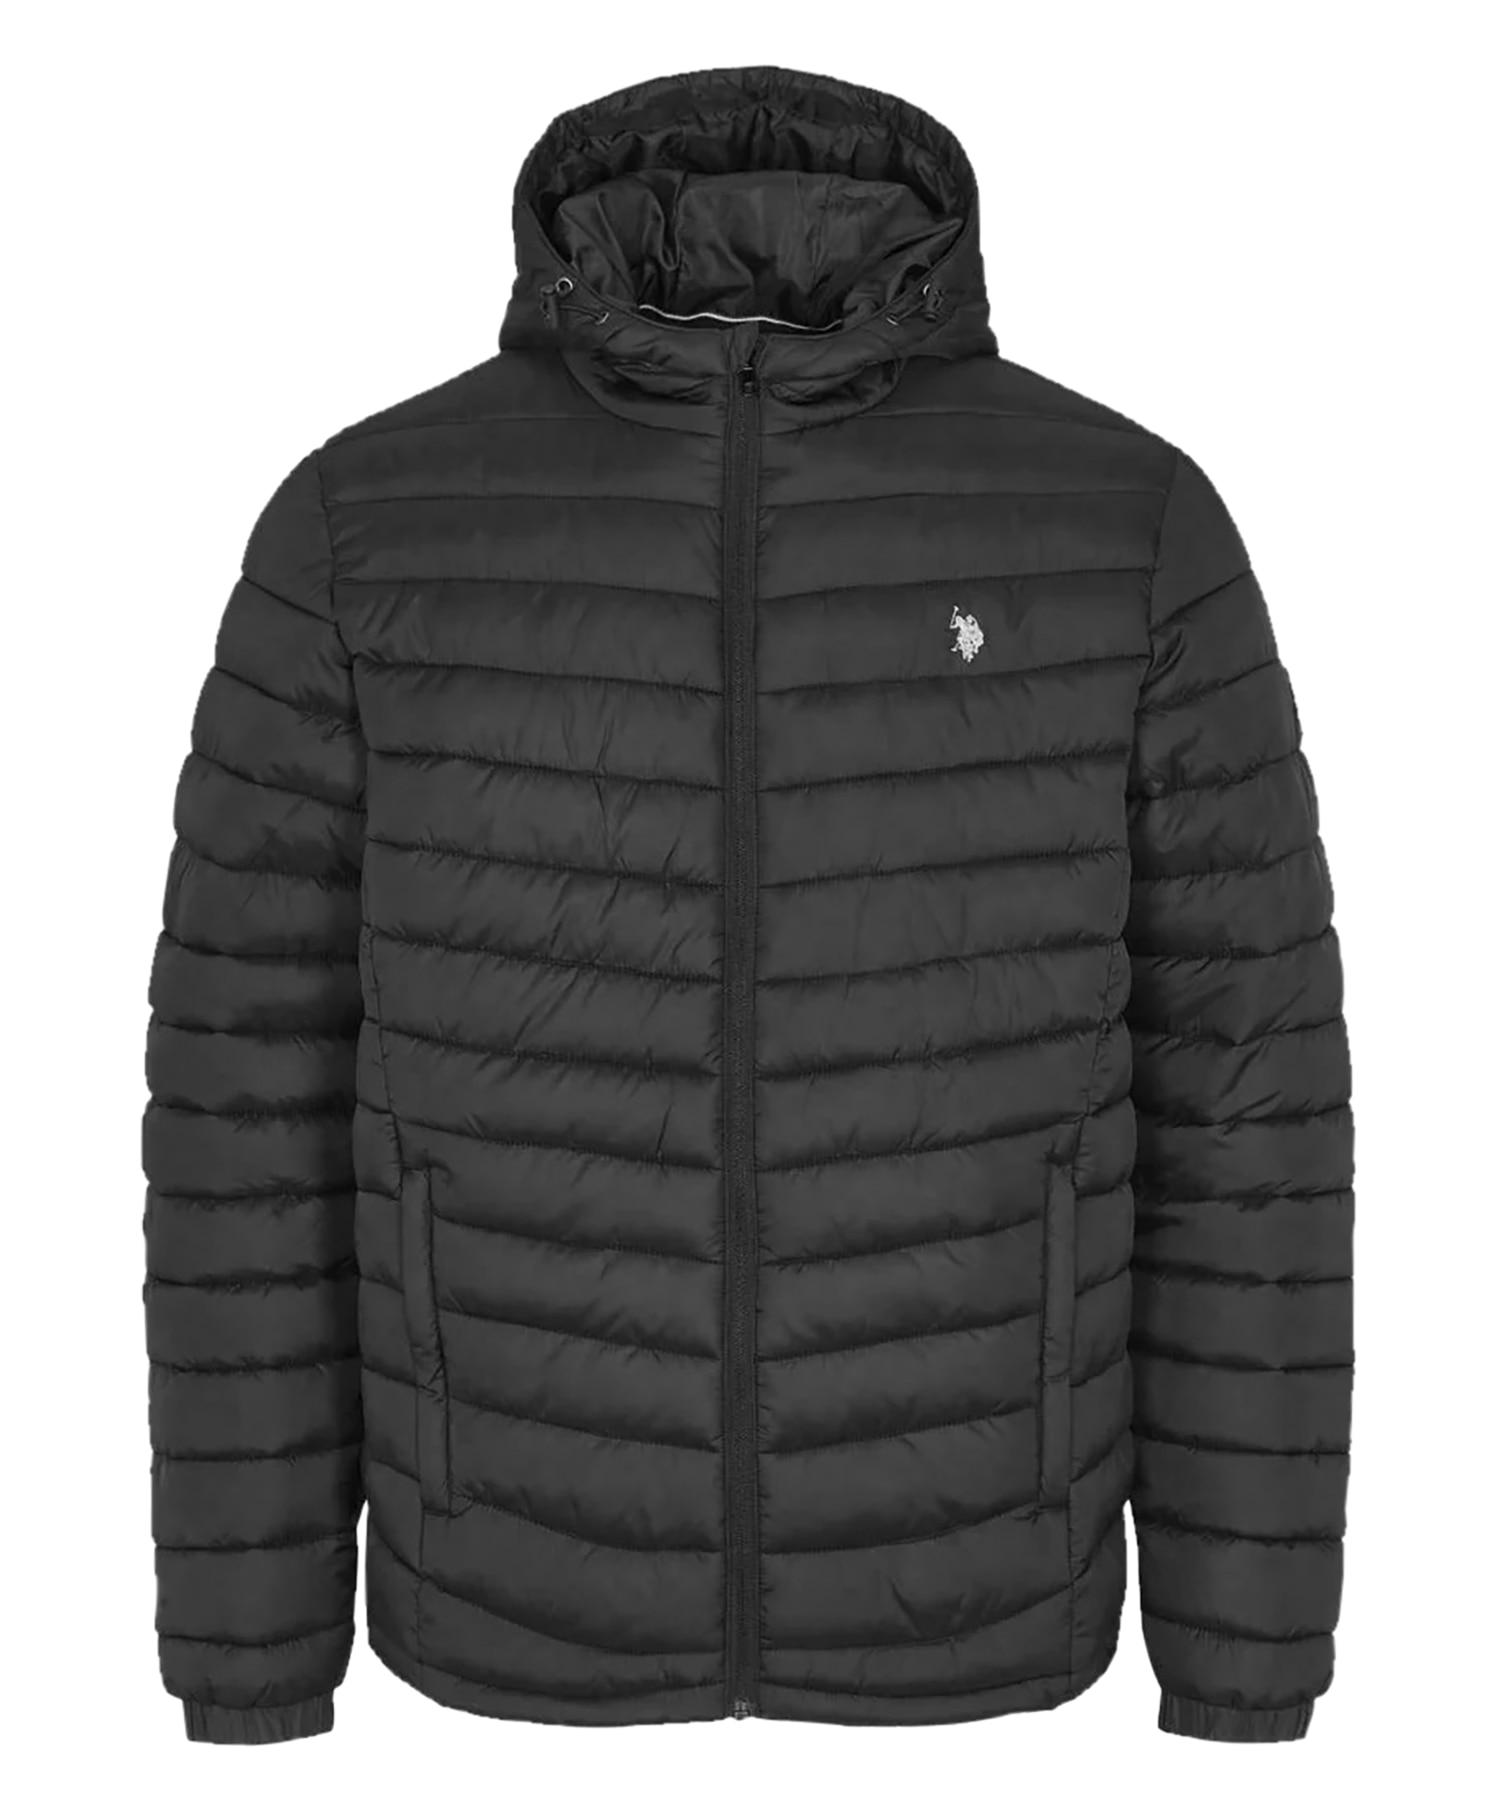 U.S Polo Clas Jacket